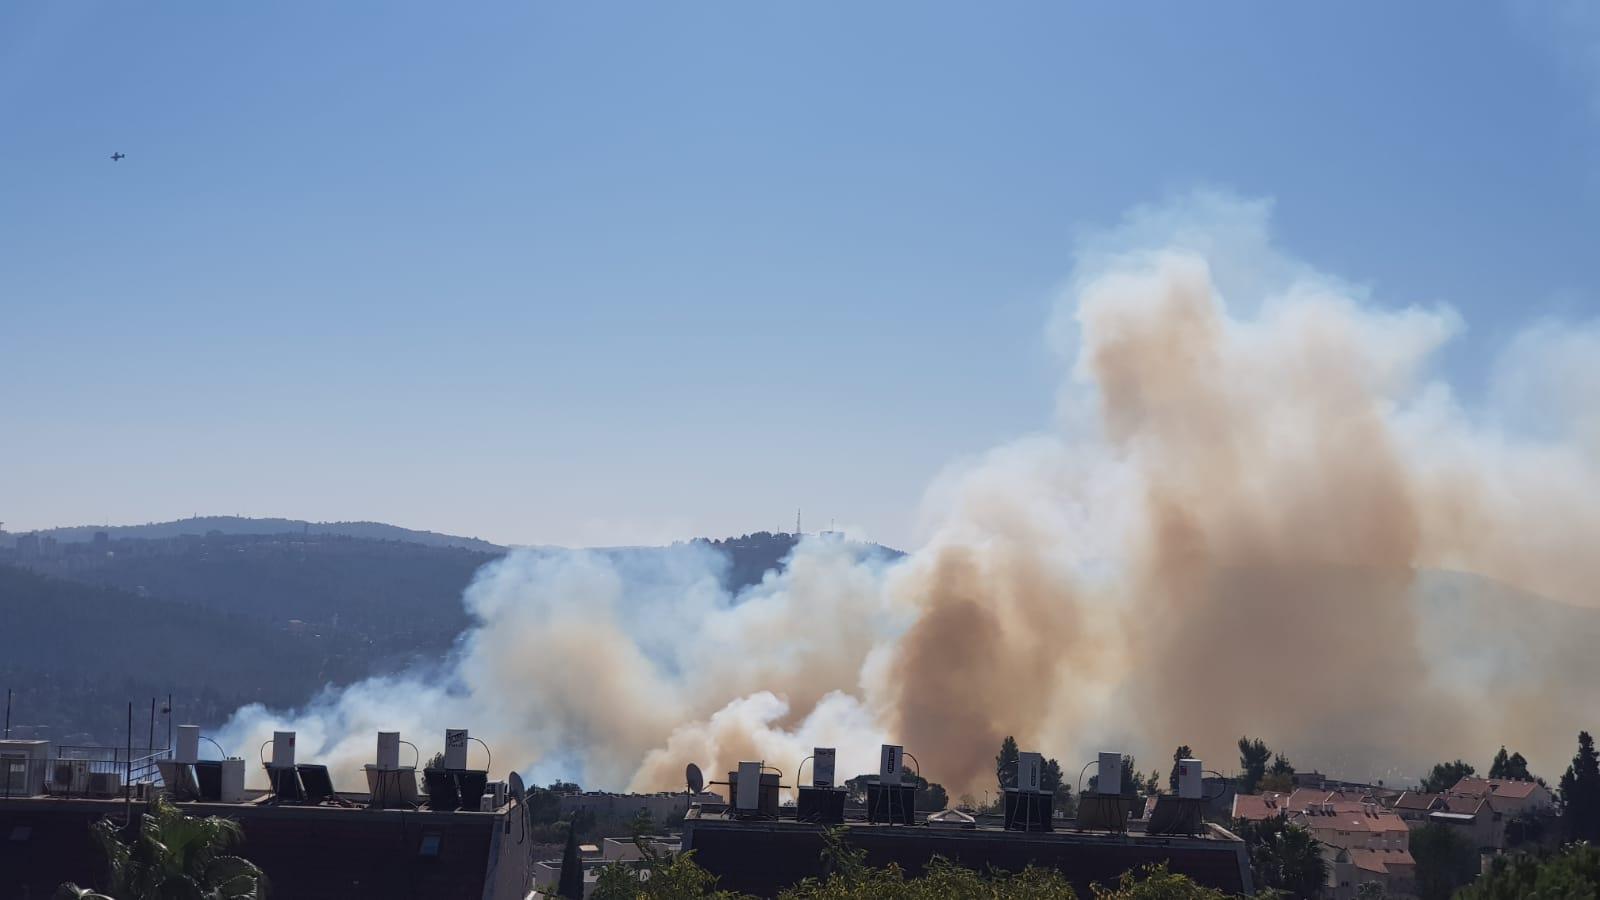 השריפה סמוךלמבשרת ציון (צילום: דוברות כבאות והצלה ירושלים)